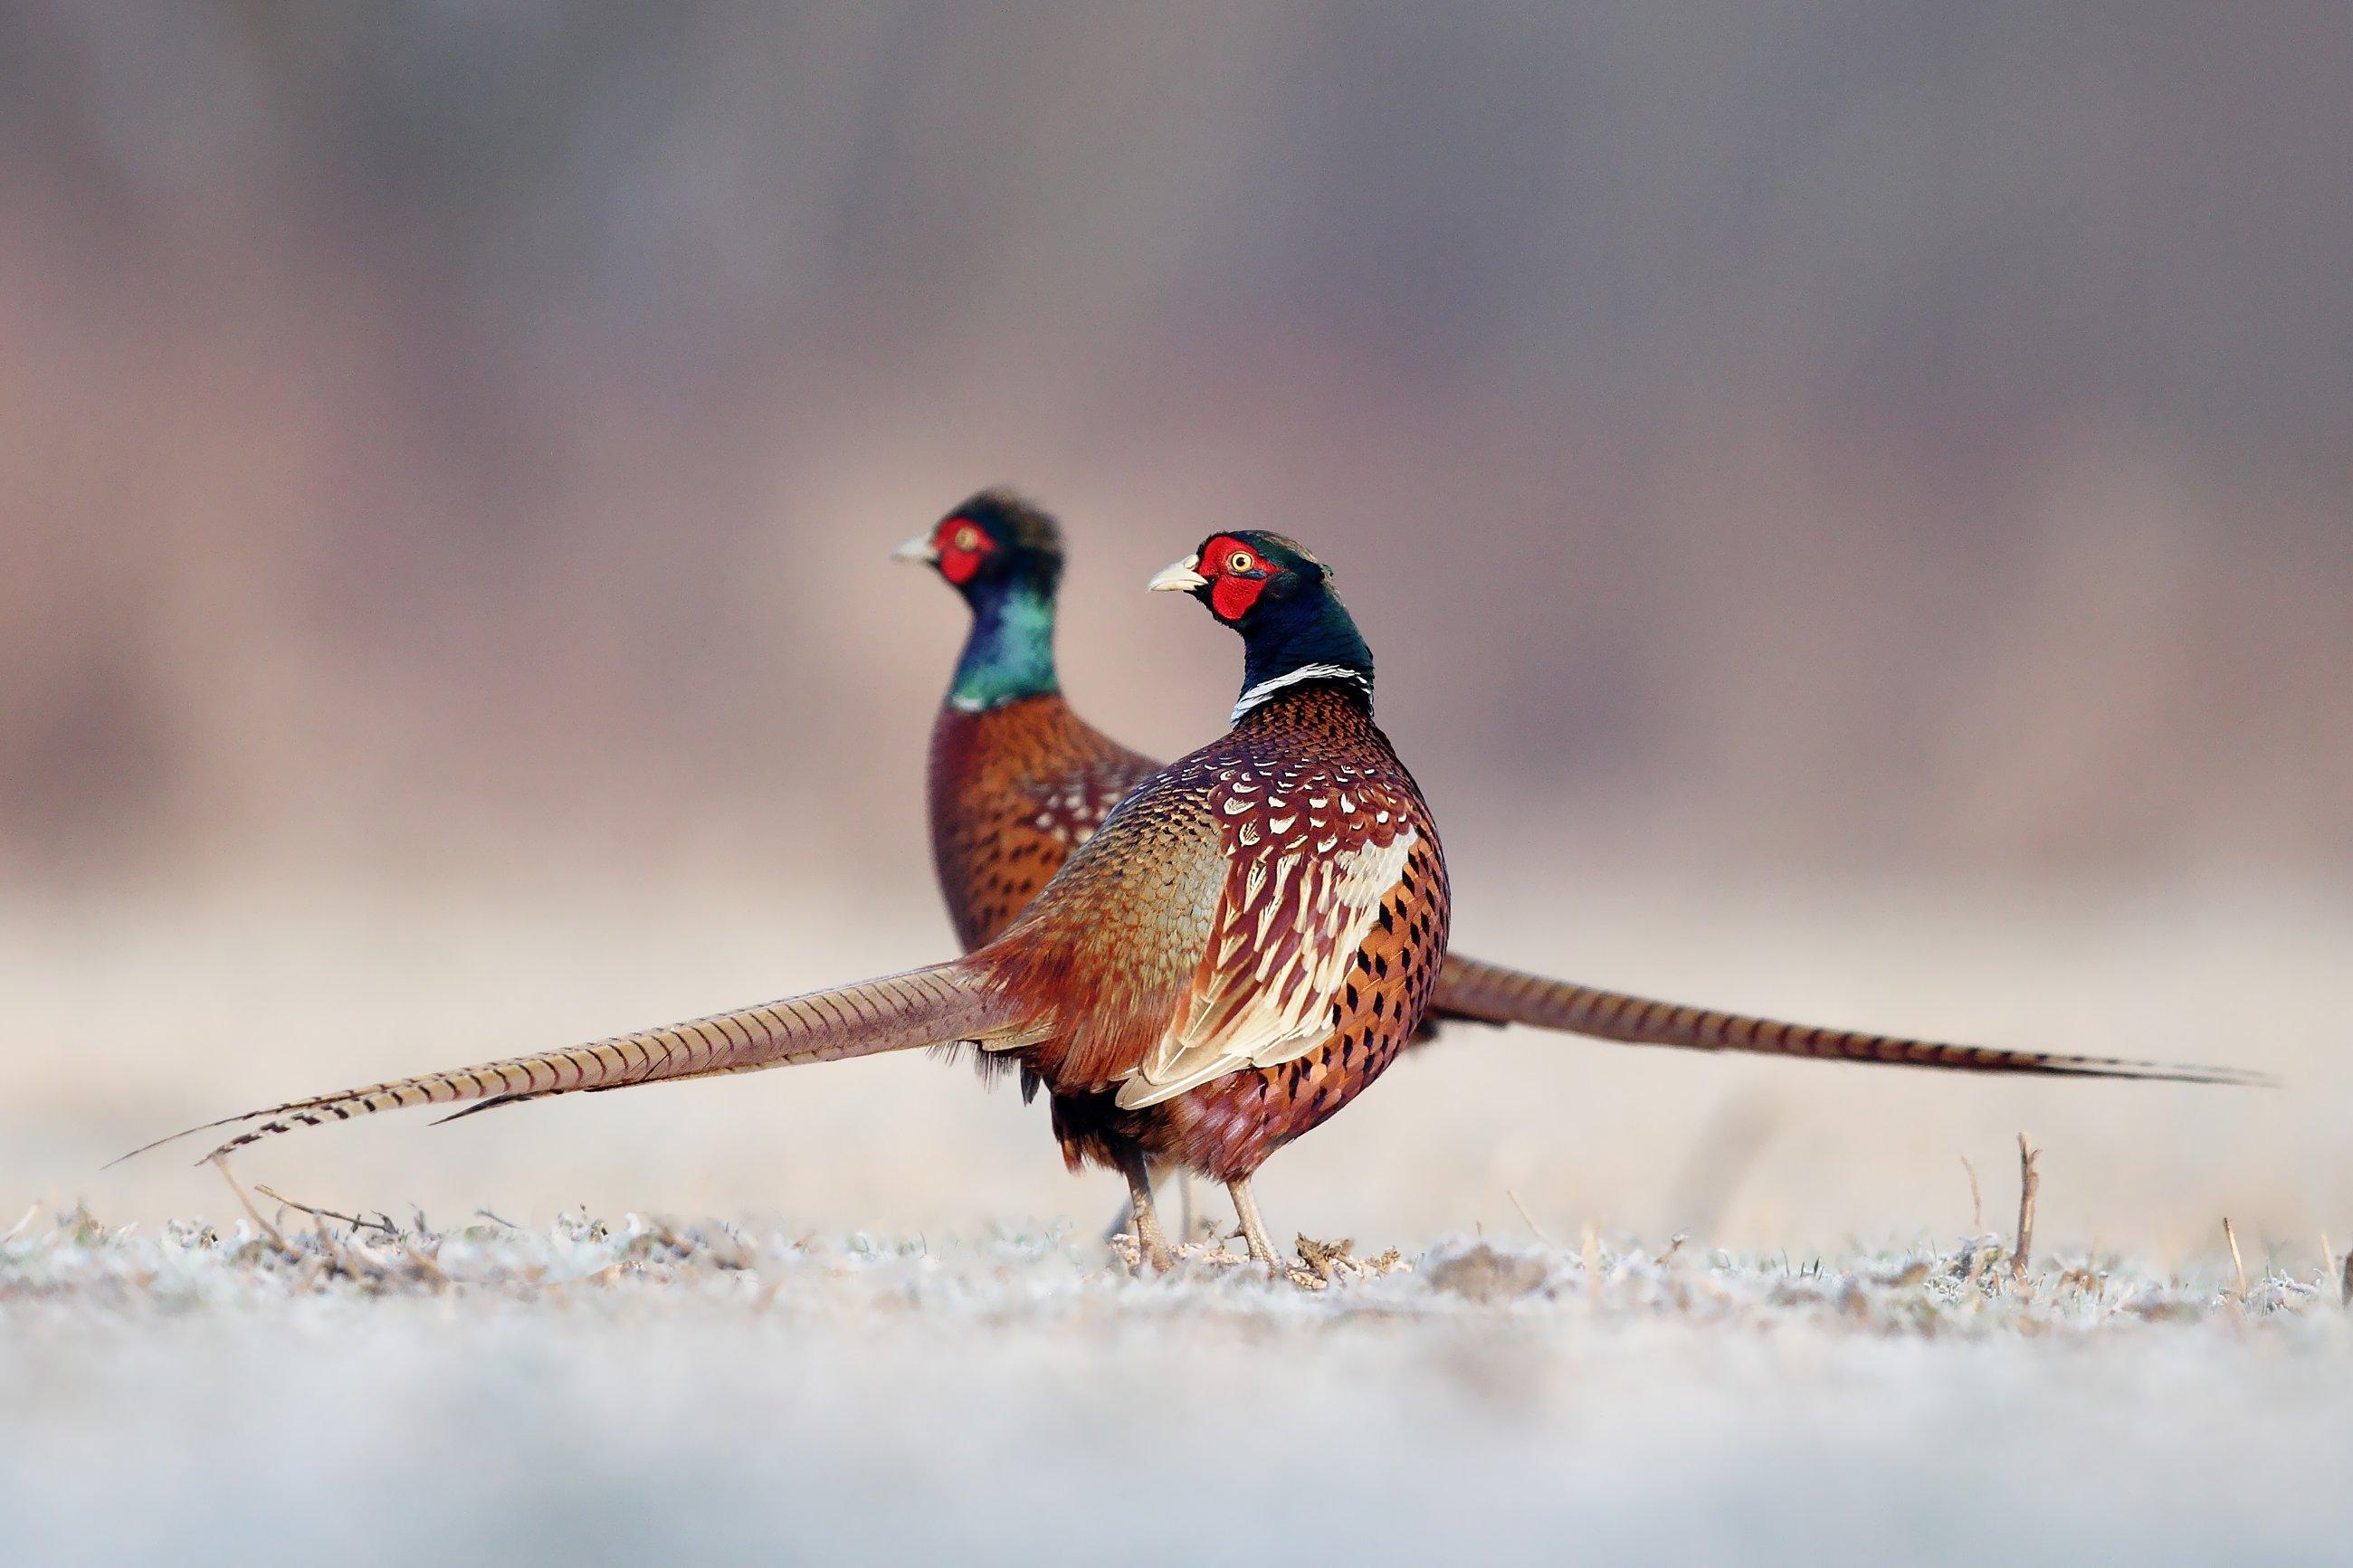 bird, pheasant, wildlife, snow, winter, cold, Adam Fichna